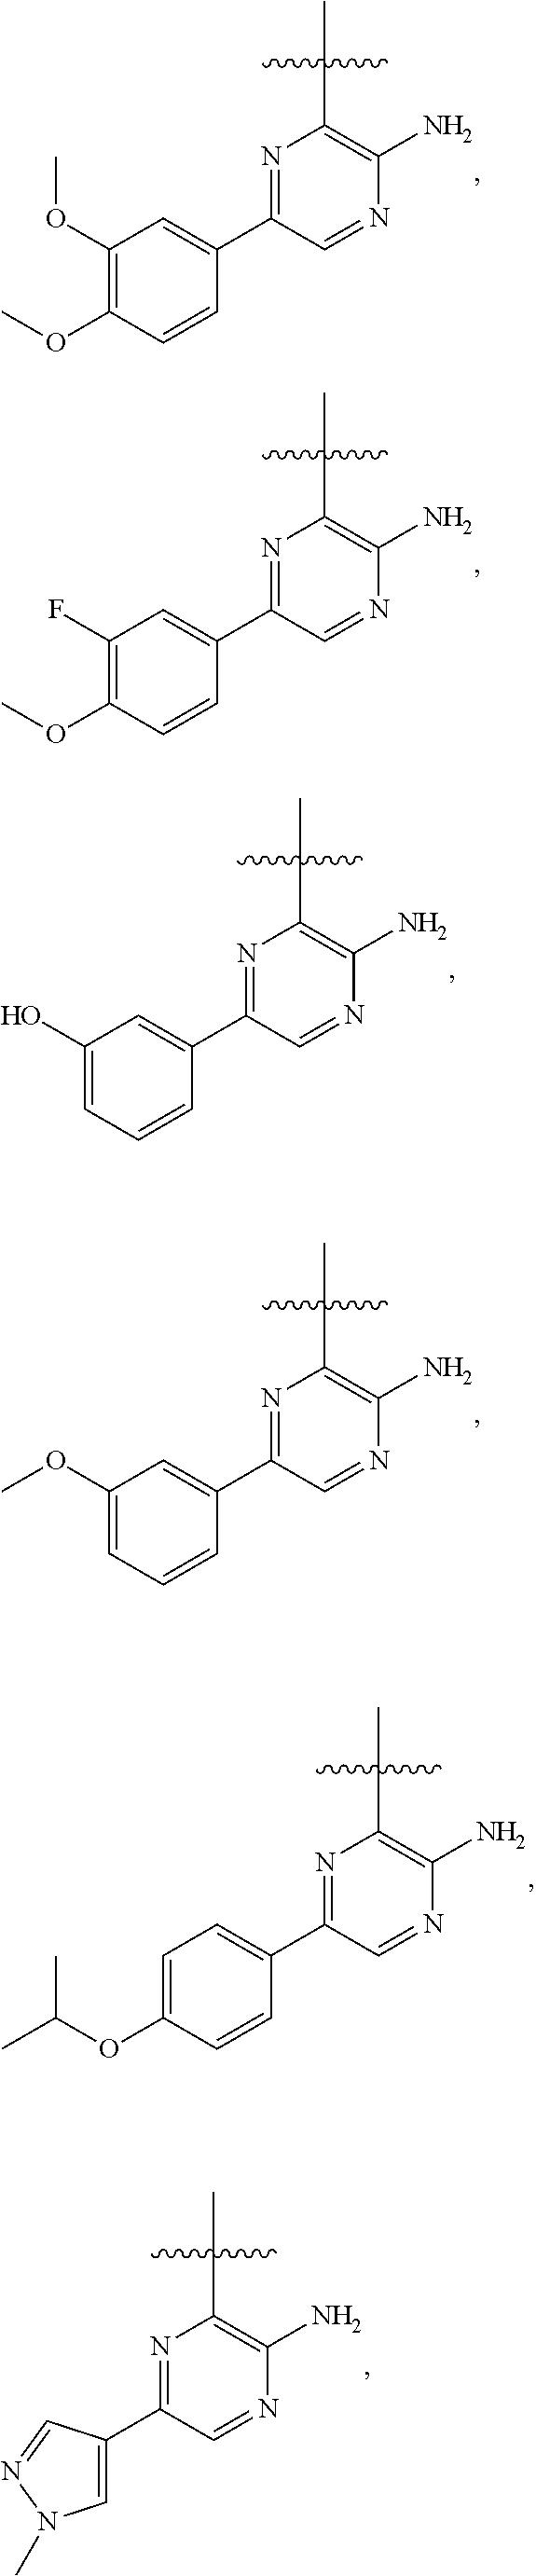 Figure US09708348-20170718-C00023